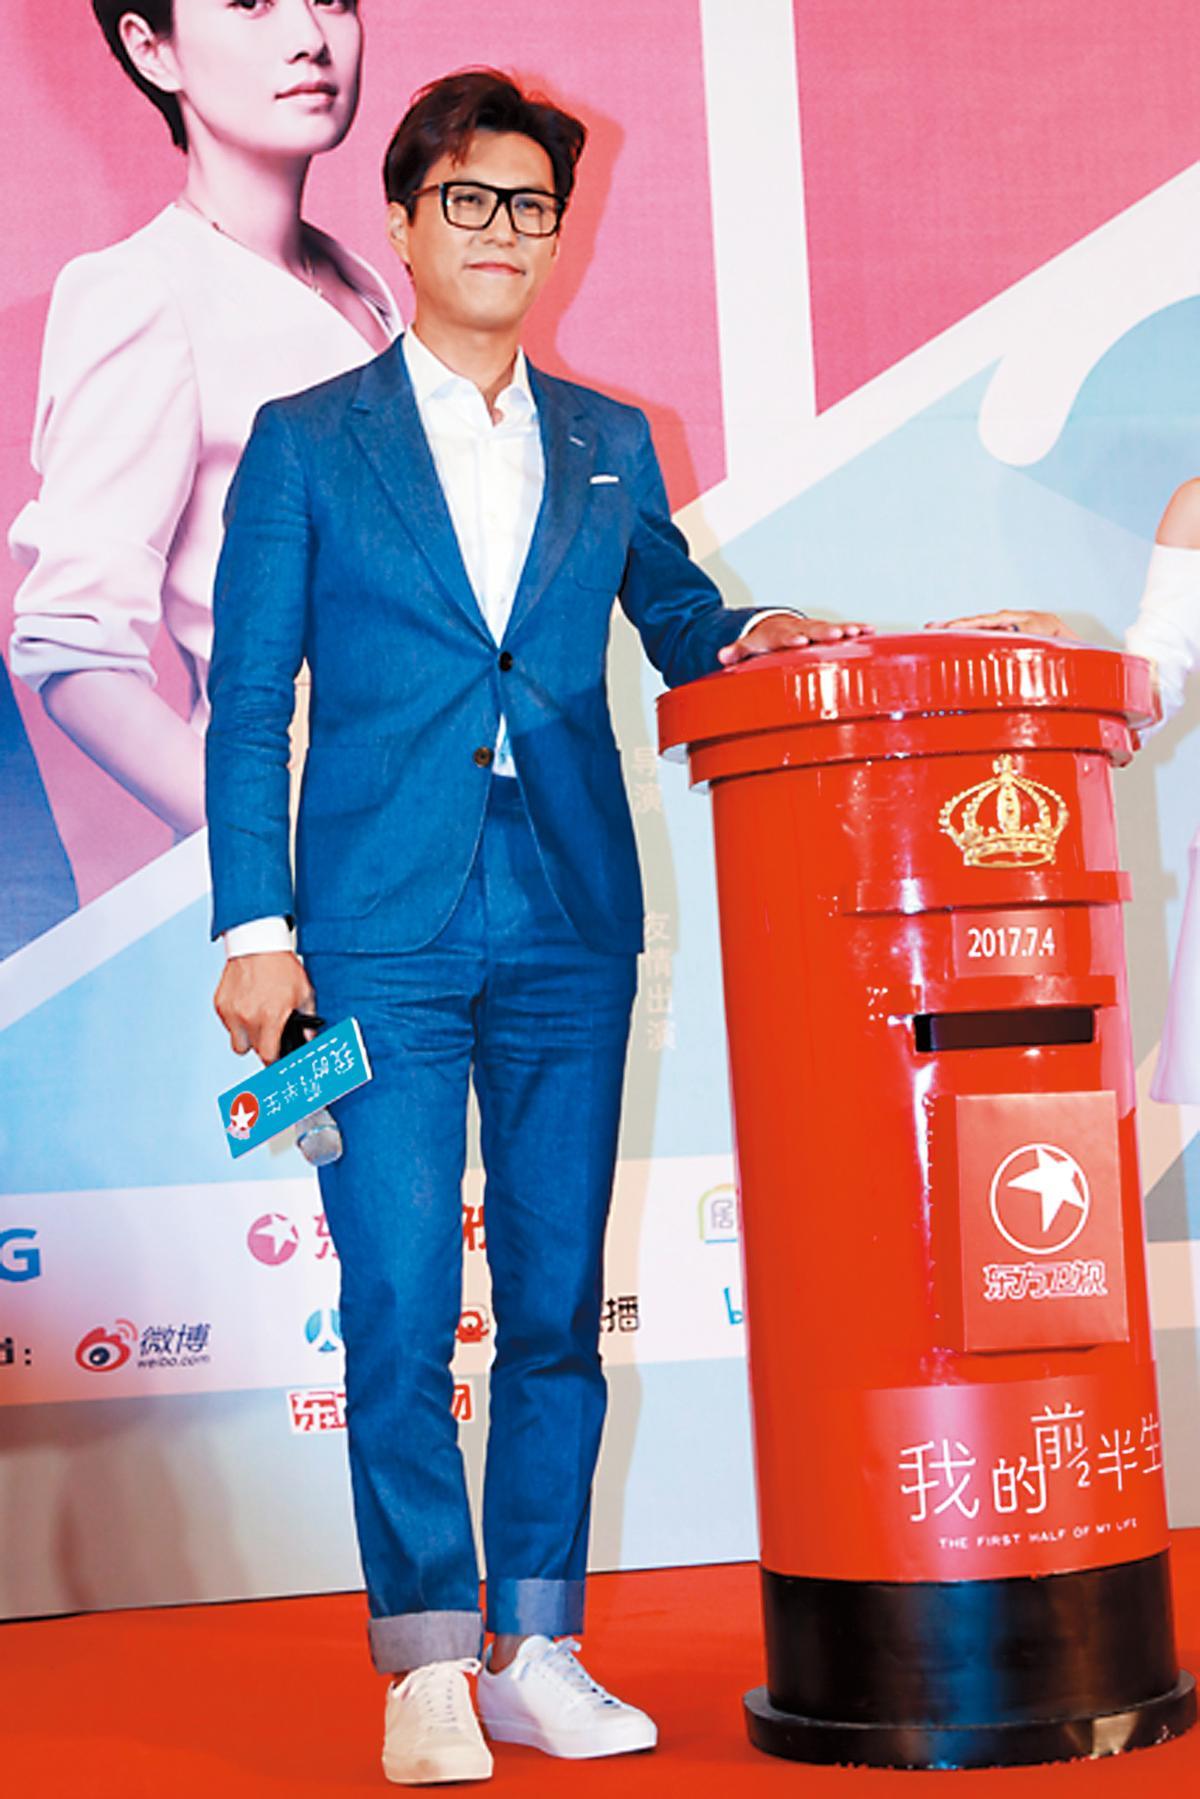 出席《我的前半生》活動時,在戲中最常以正式西服現身的靳東,雖然穿上西裝出席,不過臉上的鏡框、腳上的白球鞋,增添了他的書卷氣,也多了點休閒味道。